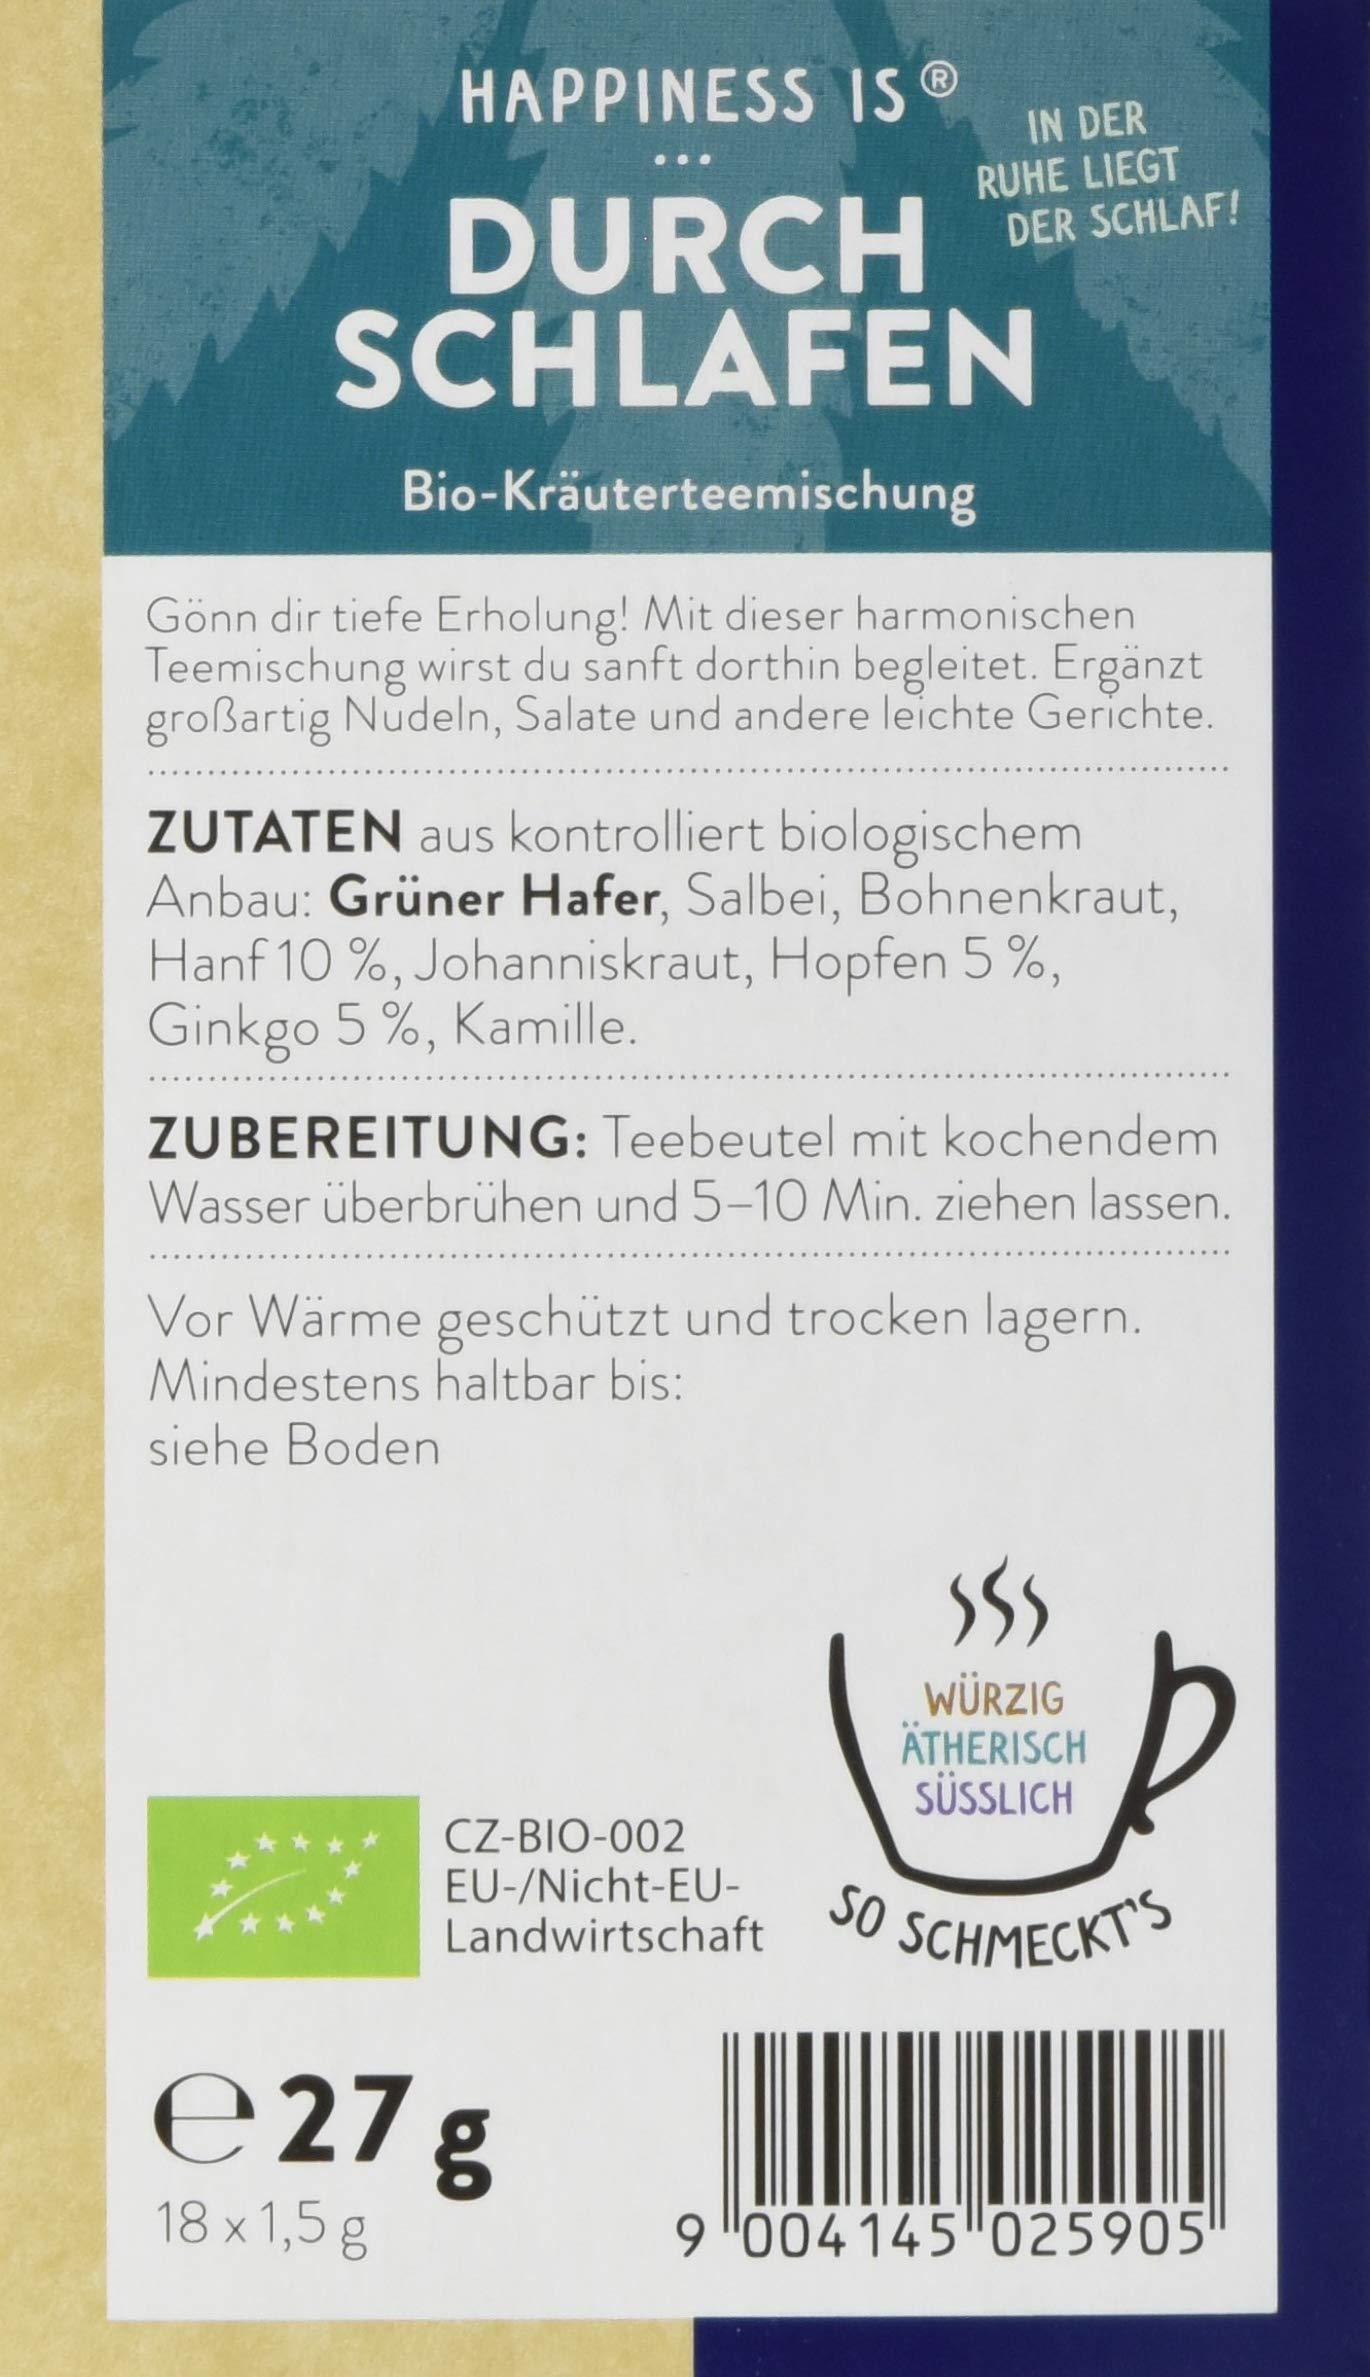 Sonnentor-Bio-Durchschlafen-Tee-Happiness-is-3er-Pack-3-x-27-g